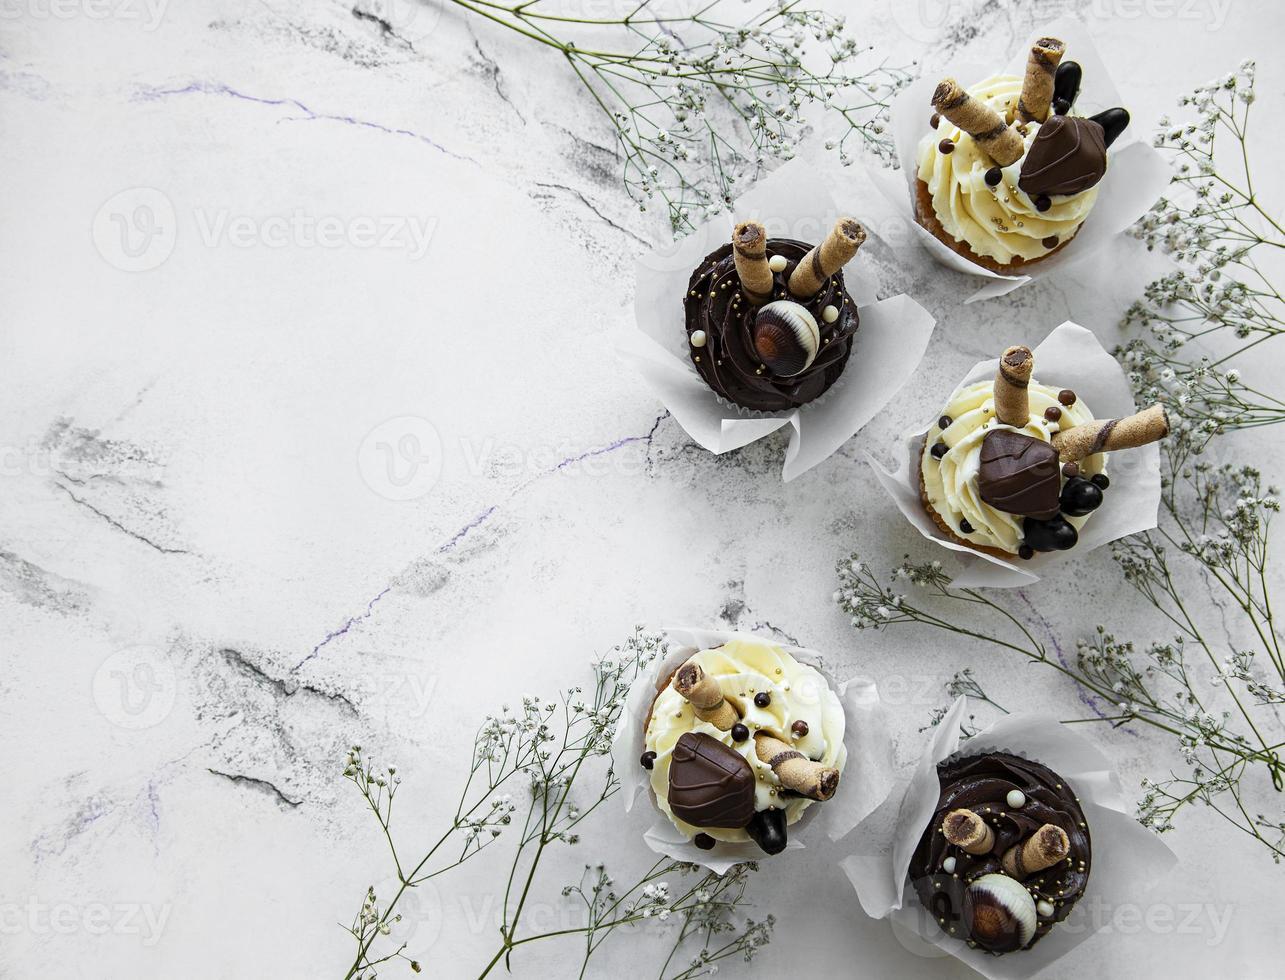 cupcakes de chocolate em fundo de mármore branco foto